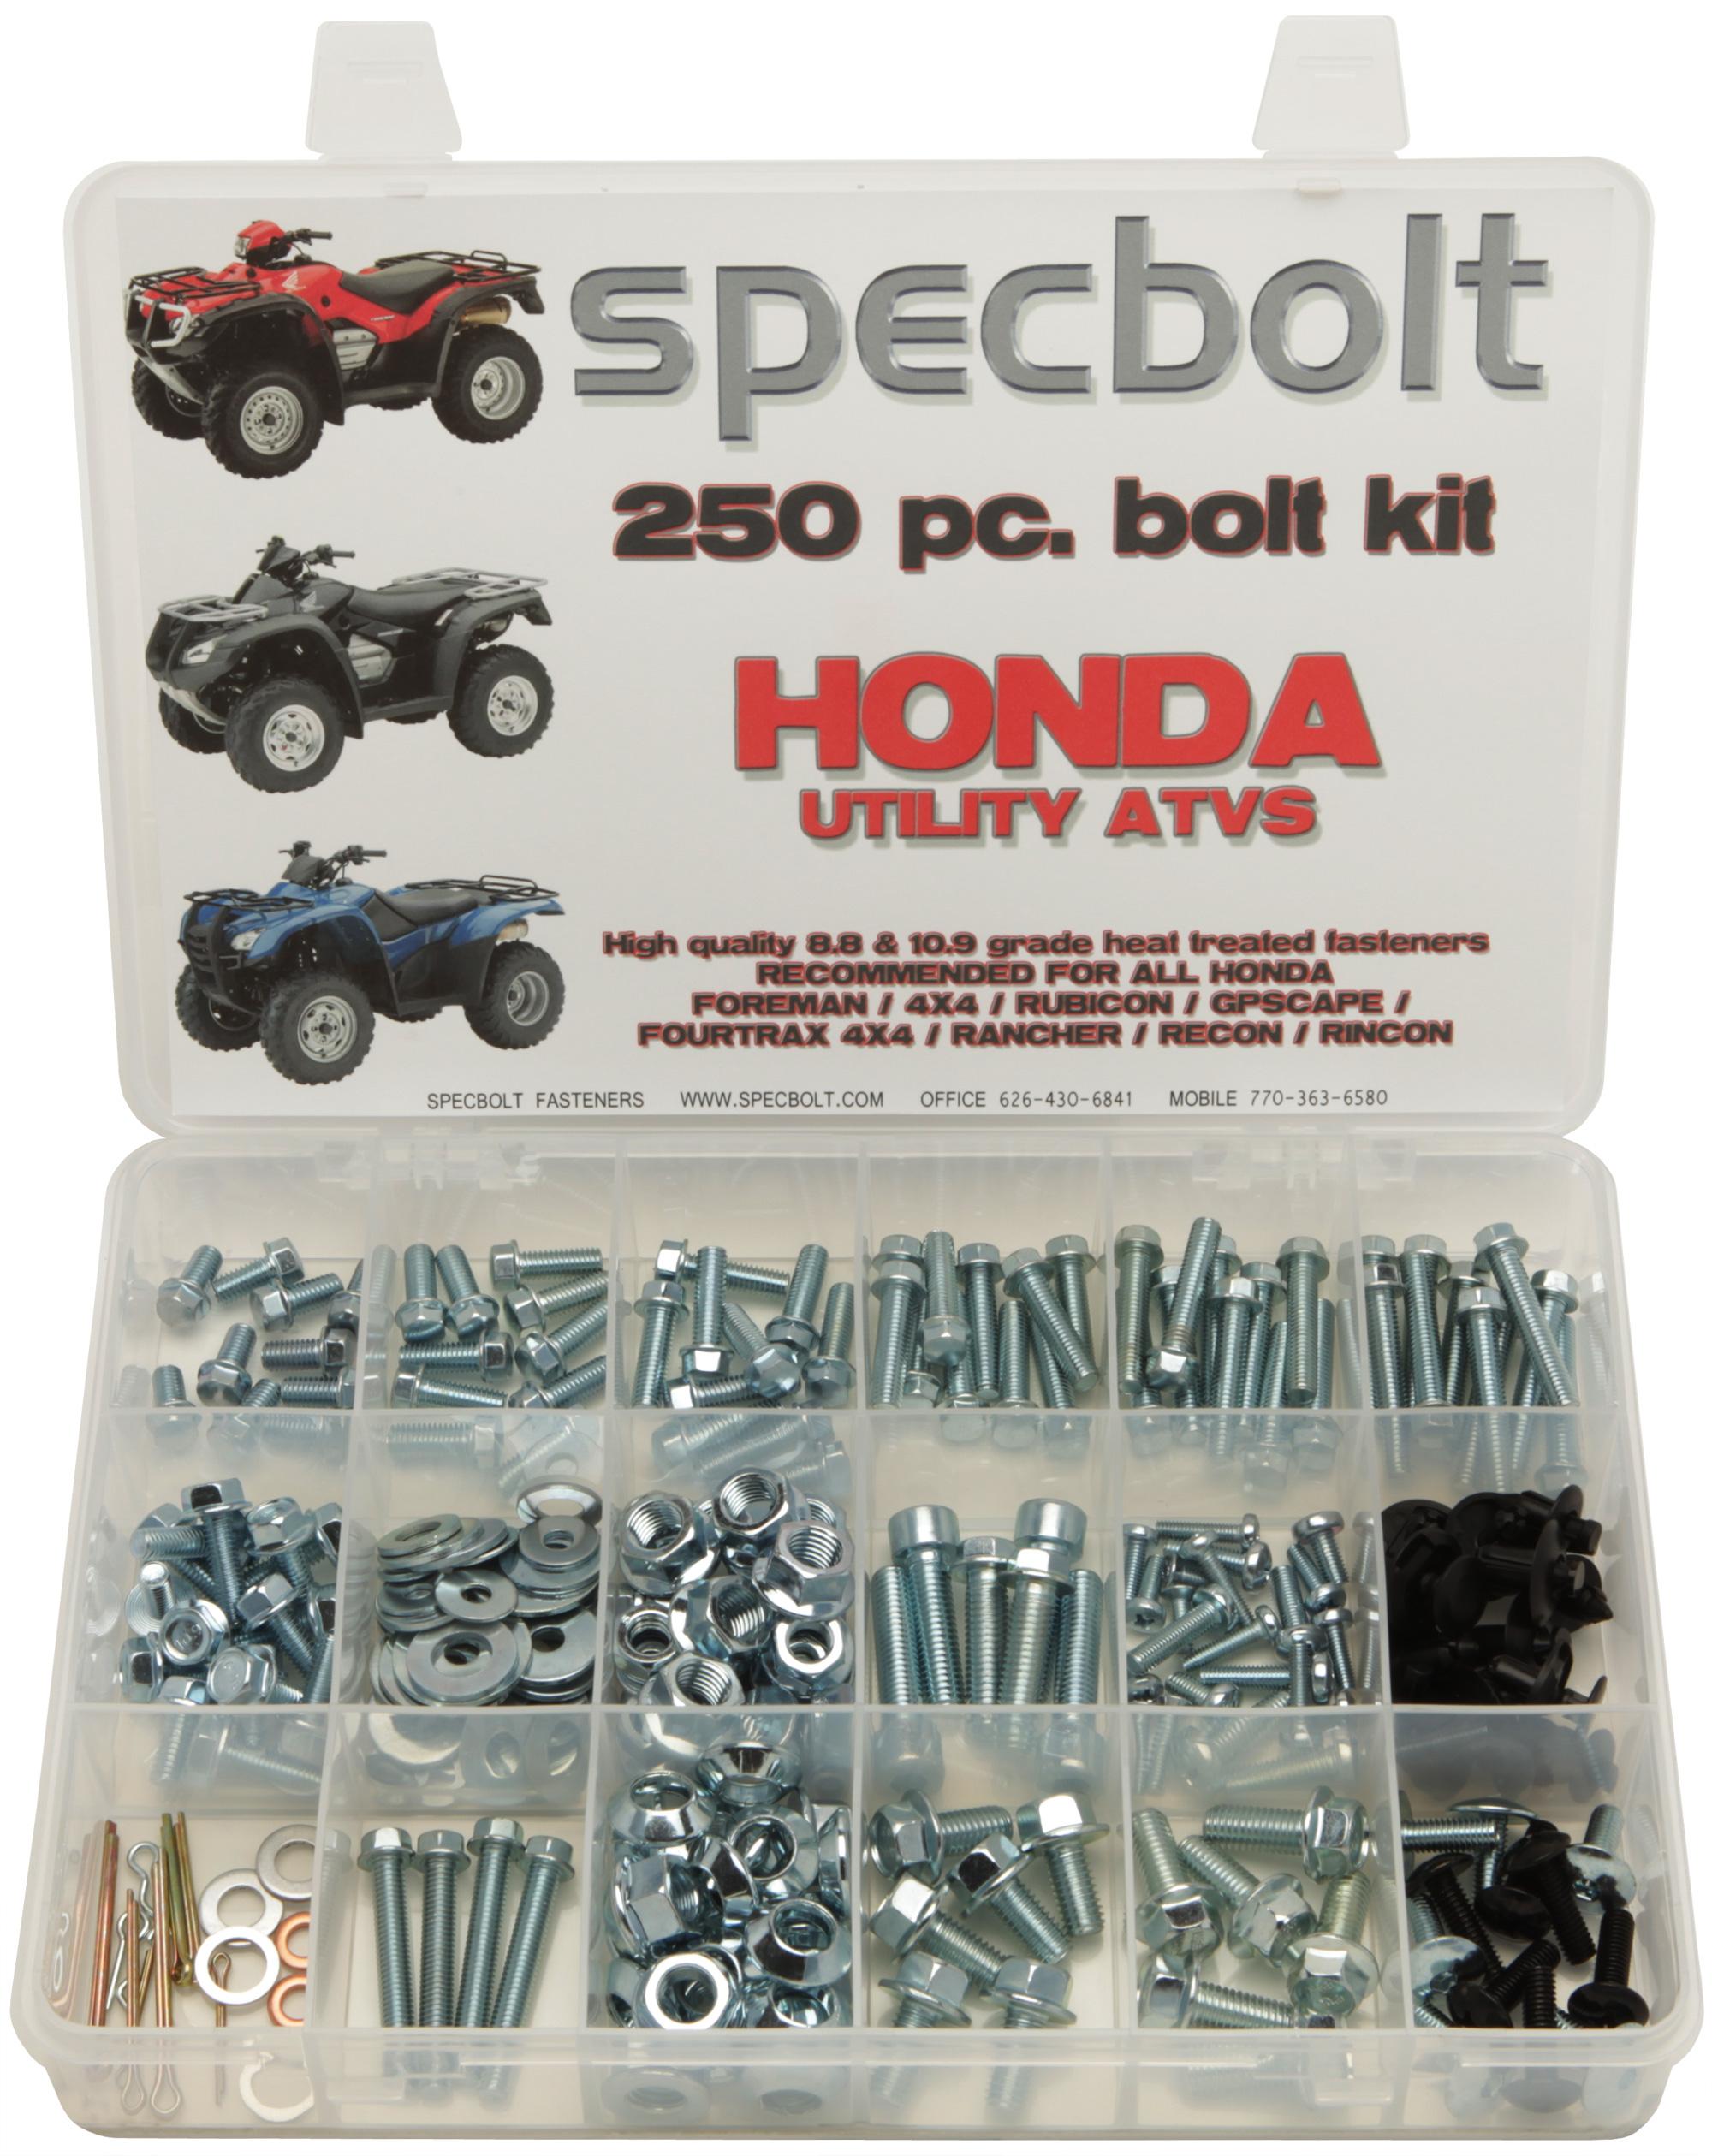 Honda Specbolt 1988 Trx 350 Foreman 250pc 4x4 Rubicon Gp Scape Rancher Rincon Fourtrax